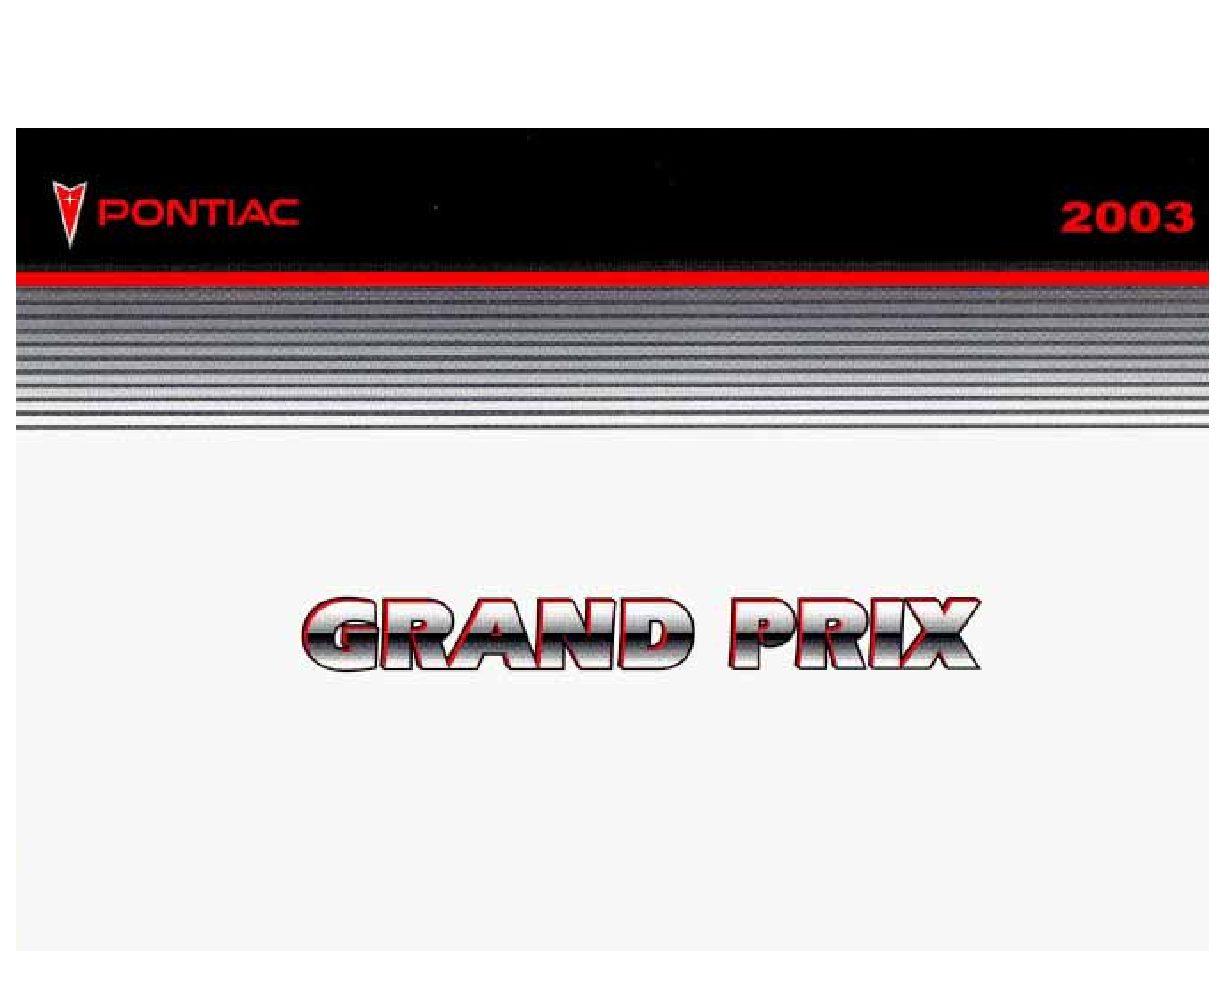 2003 pontiac grand prix owners manual download